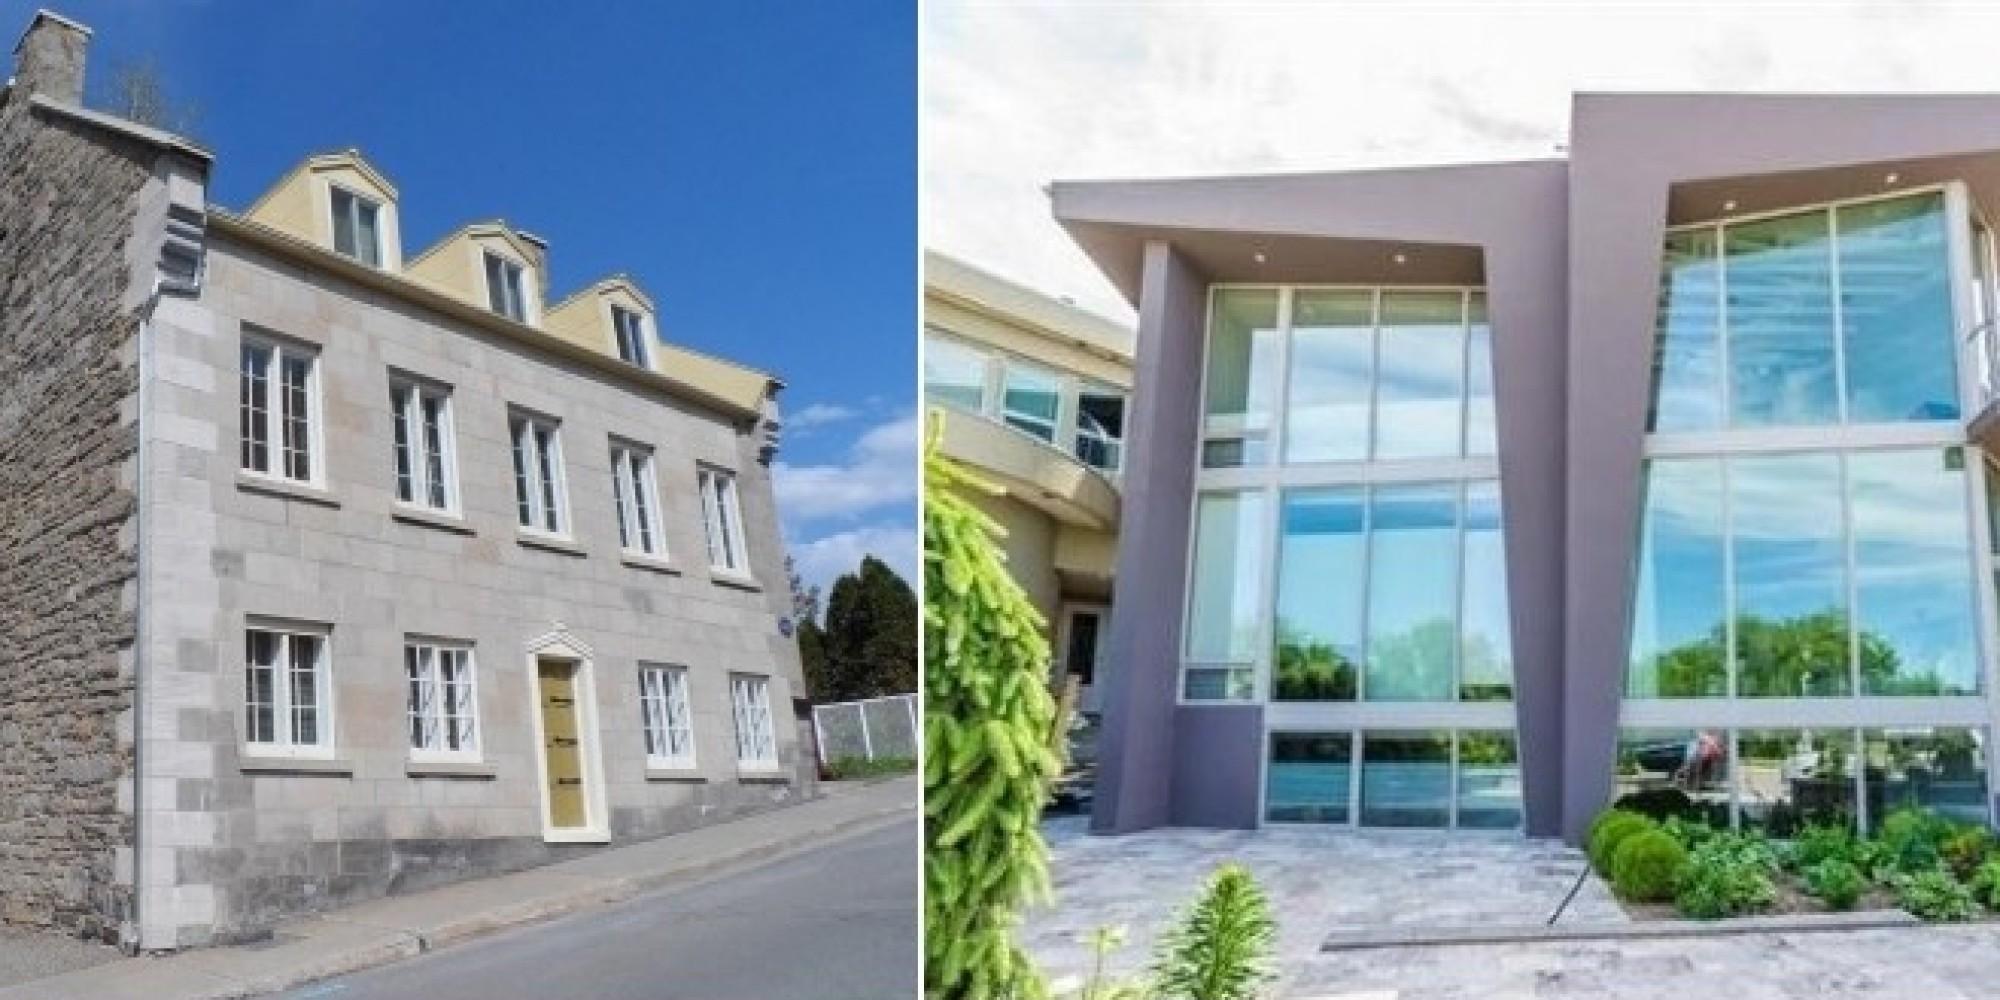 canada maison a acheter ForAcheter Une Maison Au Canada Conditions